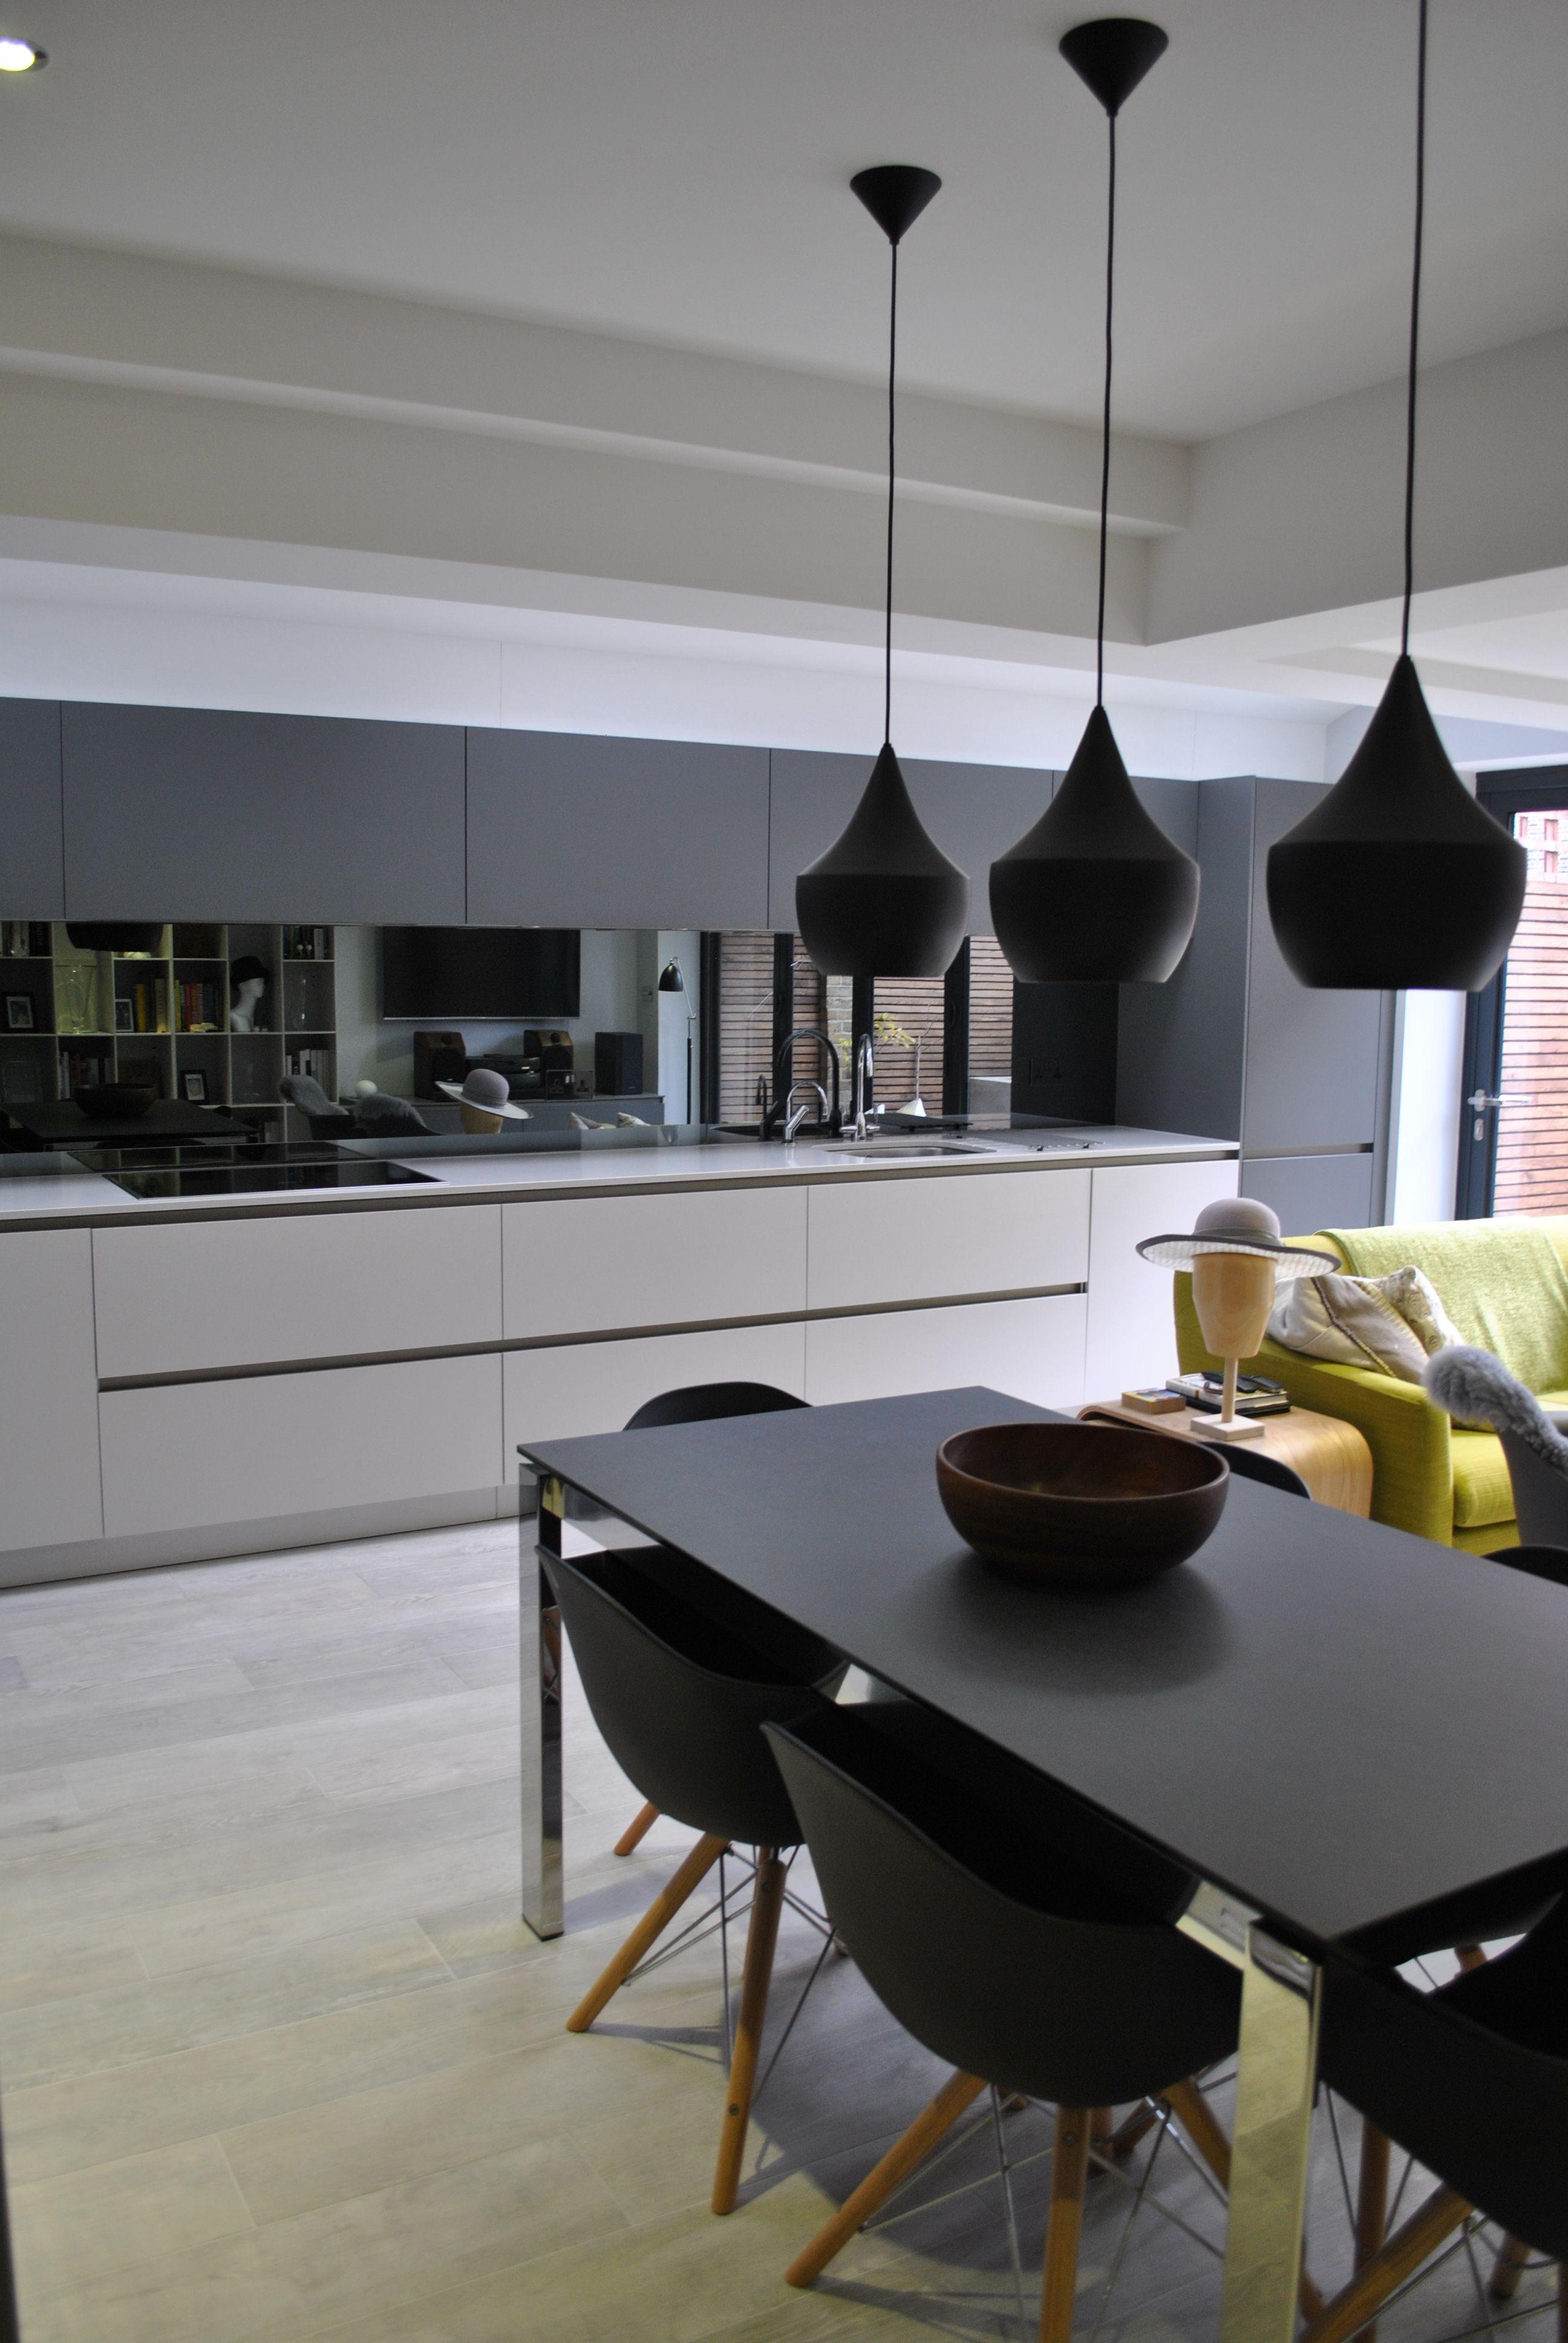 Clapham Shaker Kitchen: This Slick Modern Kitchen Has Been Designed Mainly In Dark